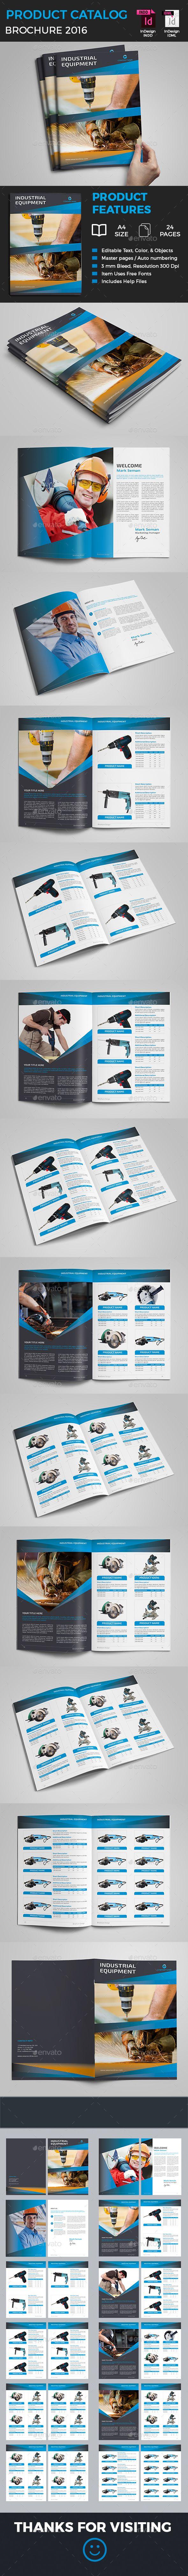 Product Catalog | Pinterest | Catálogo y Deberes